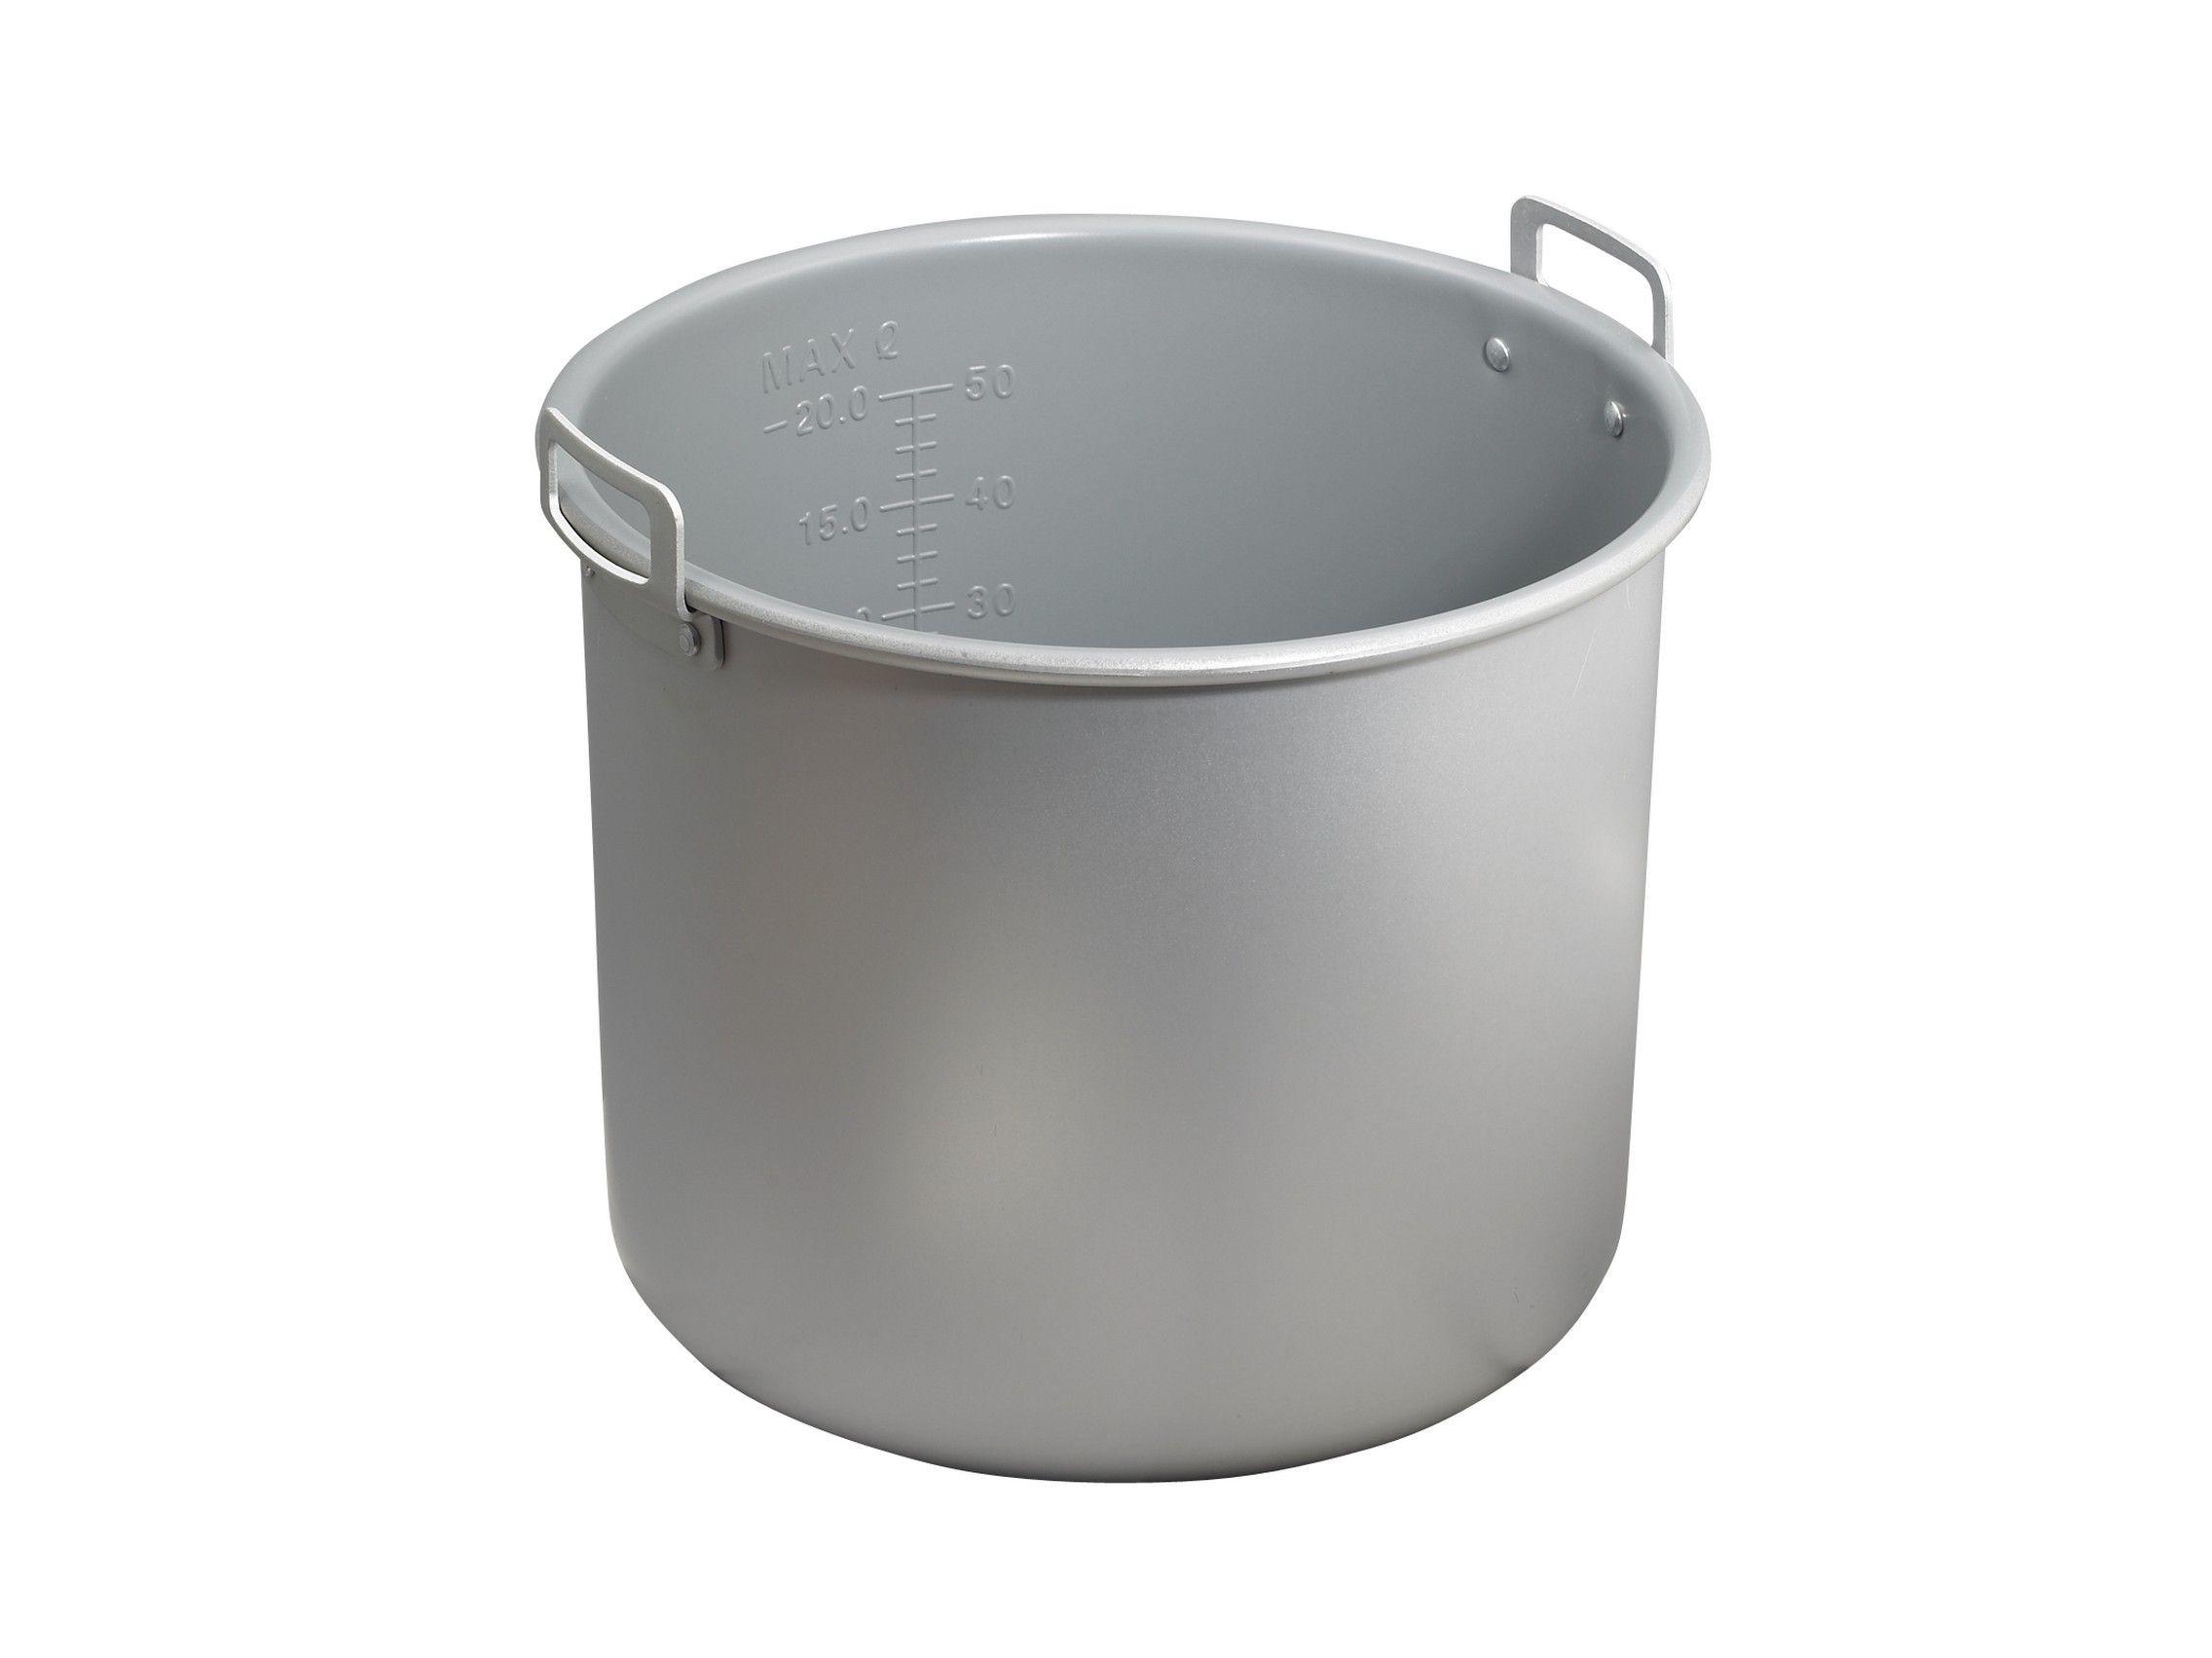 Inner pot for RW-S450